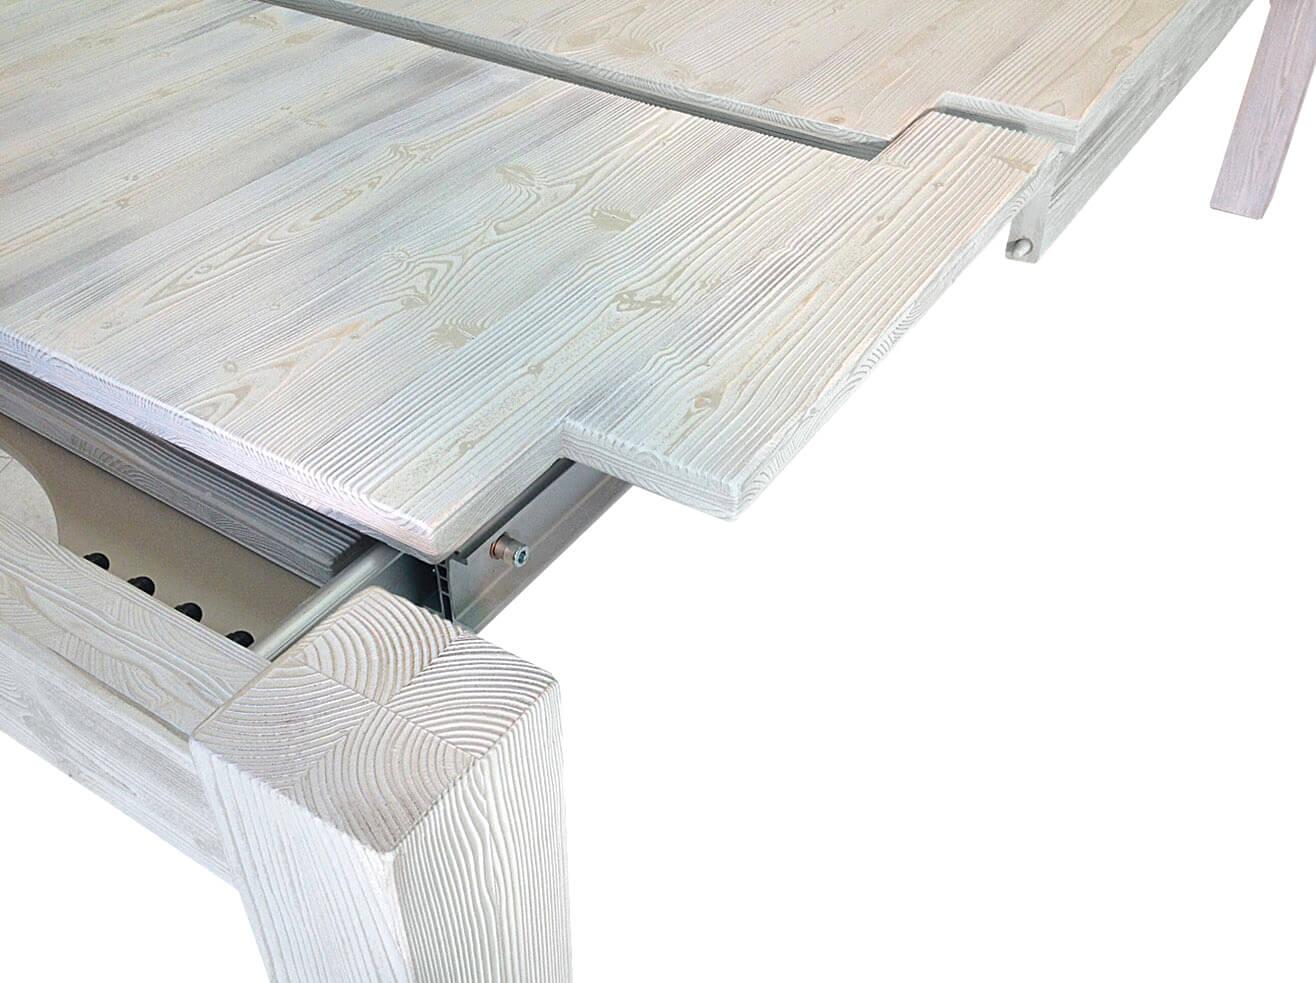 Tavolo Bianco In Legno tavolo x in legno massello di rovere bianco consumato | ebay